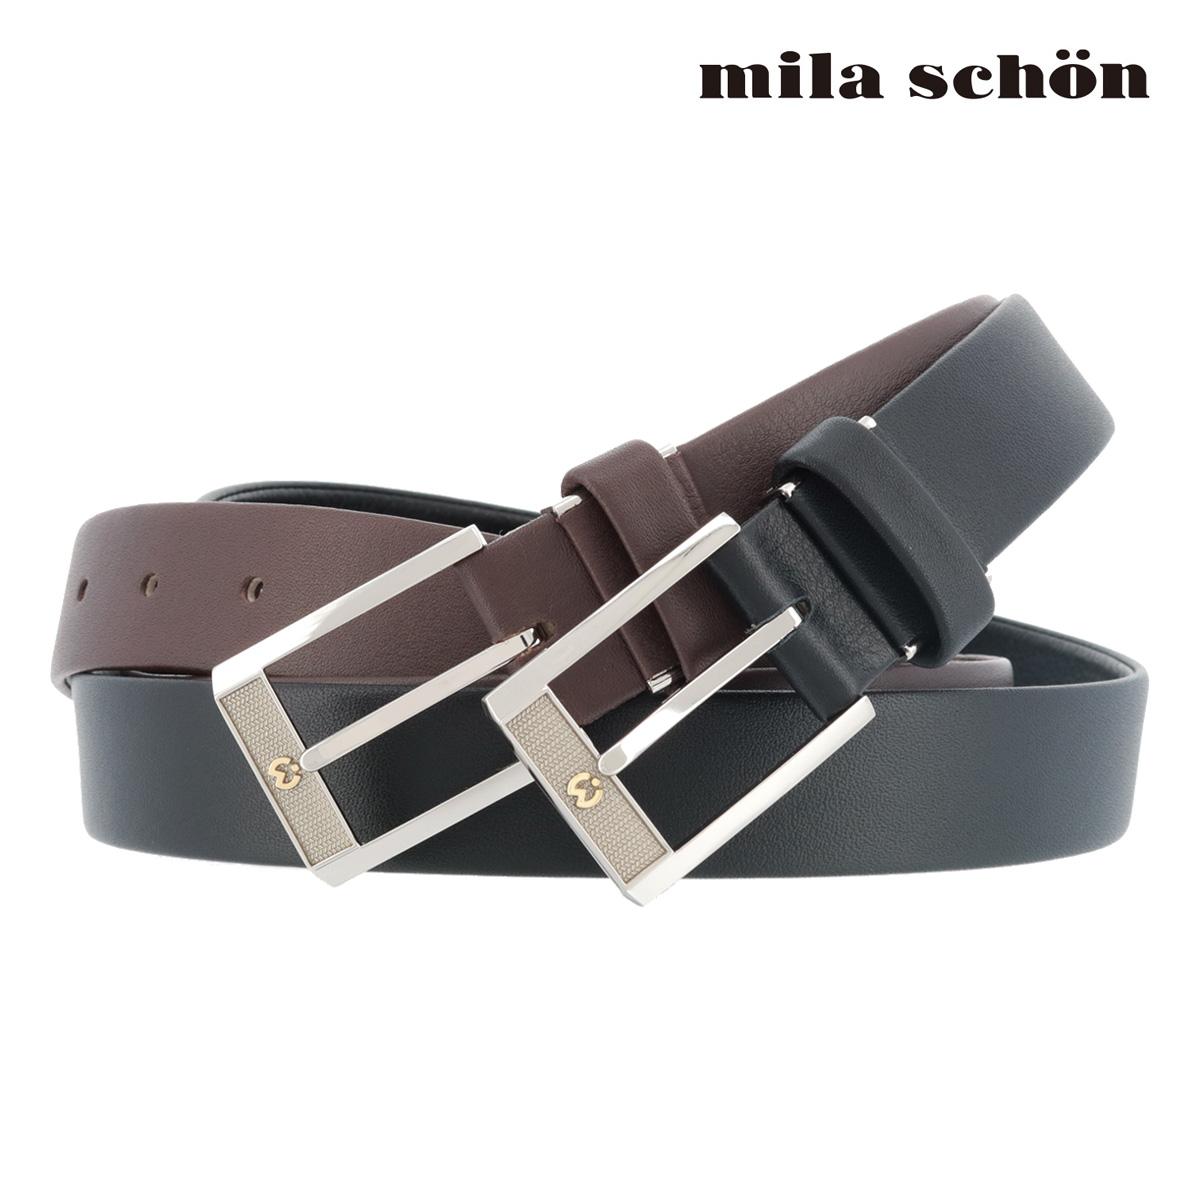 ミラショーン レザーベルト MSMB8400 | milaschon ピン式 牛革 メンズ[PO5][bef]